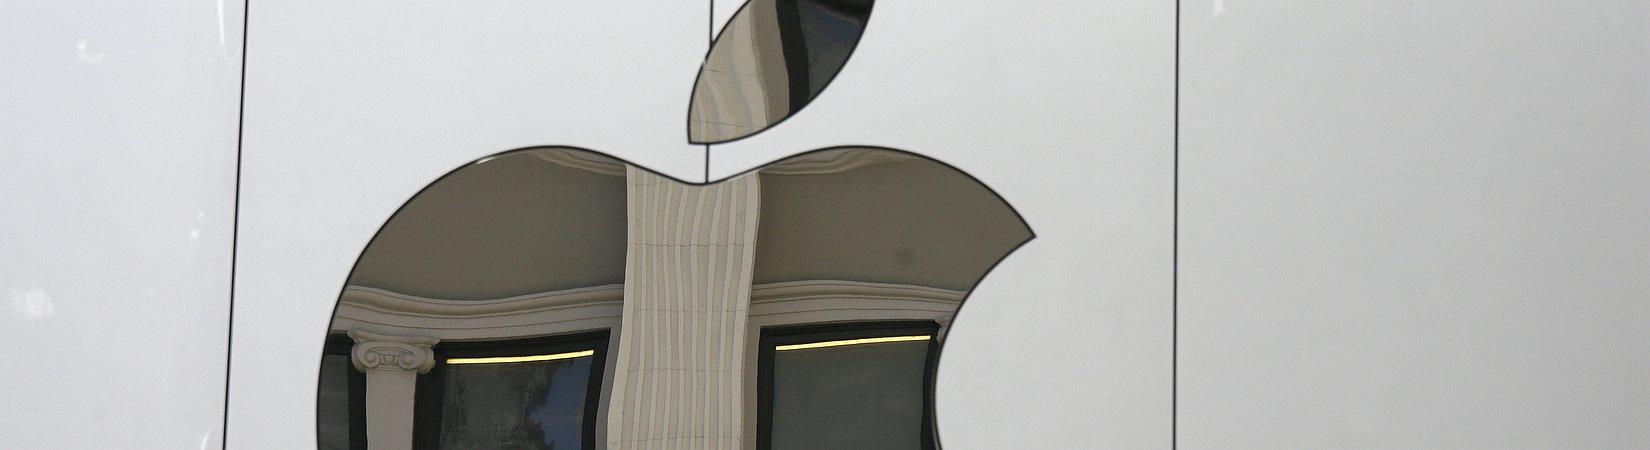 ¿Por qué las acciones de Apple seguirán subiendo tras el lanzamiento del iPhone 8?